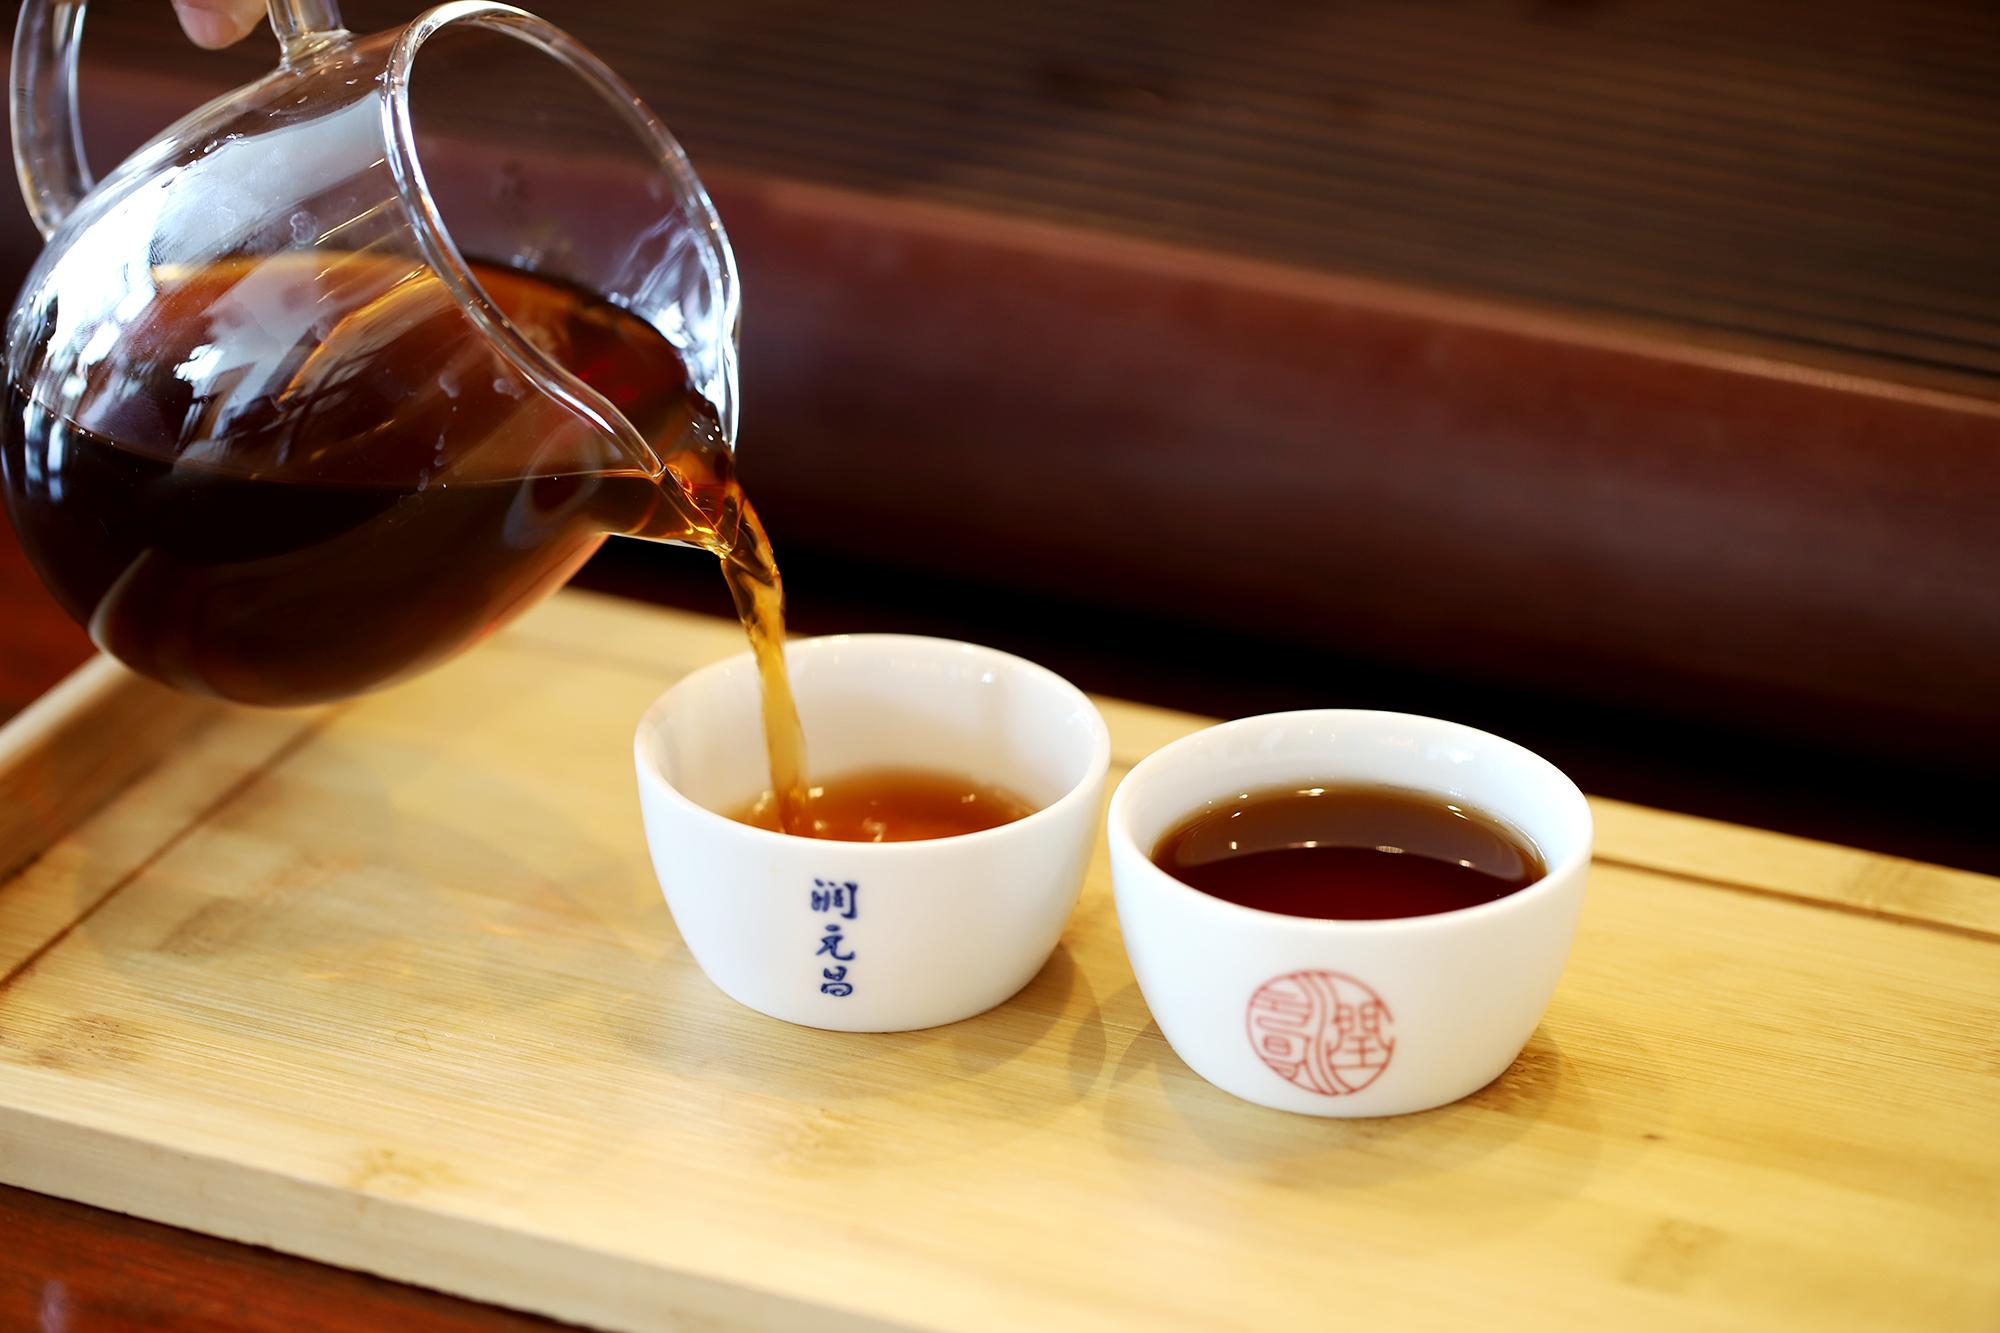 晚上喝普洱茶的好处